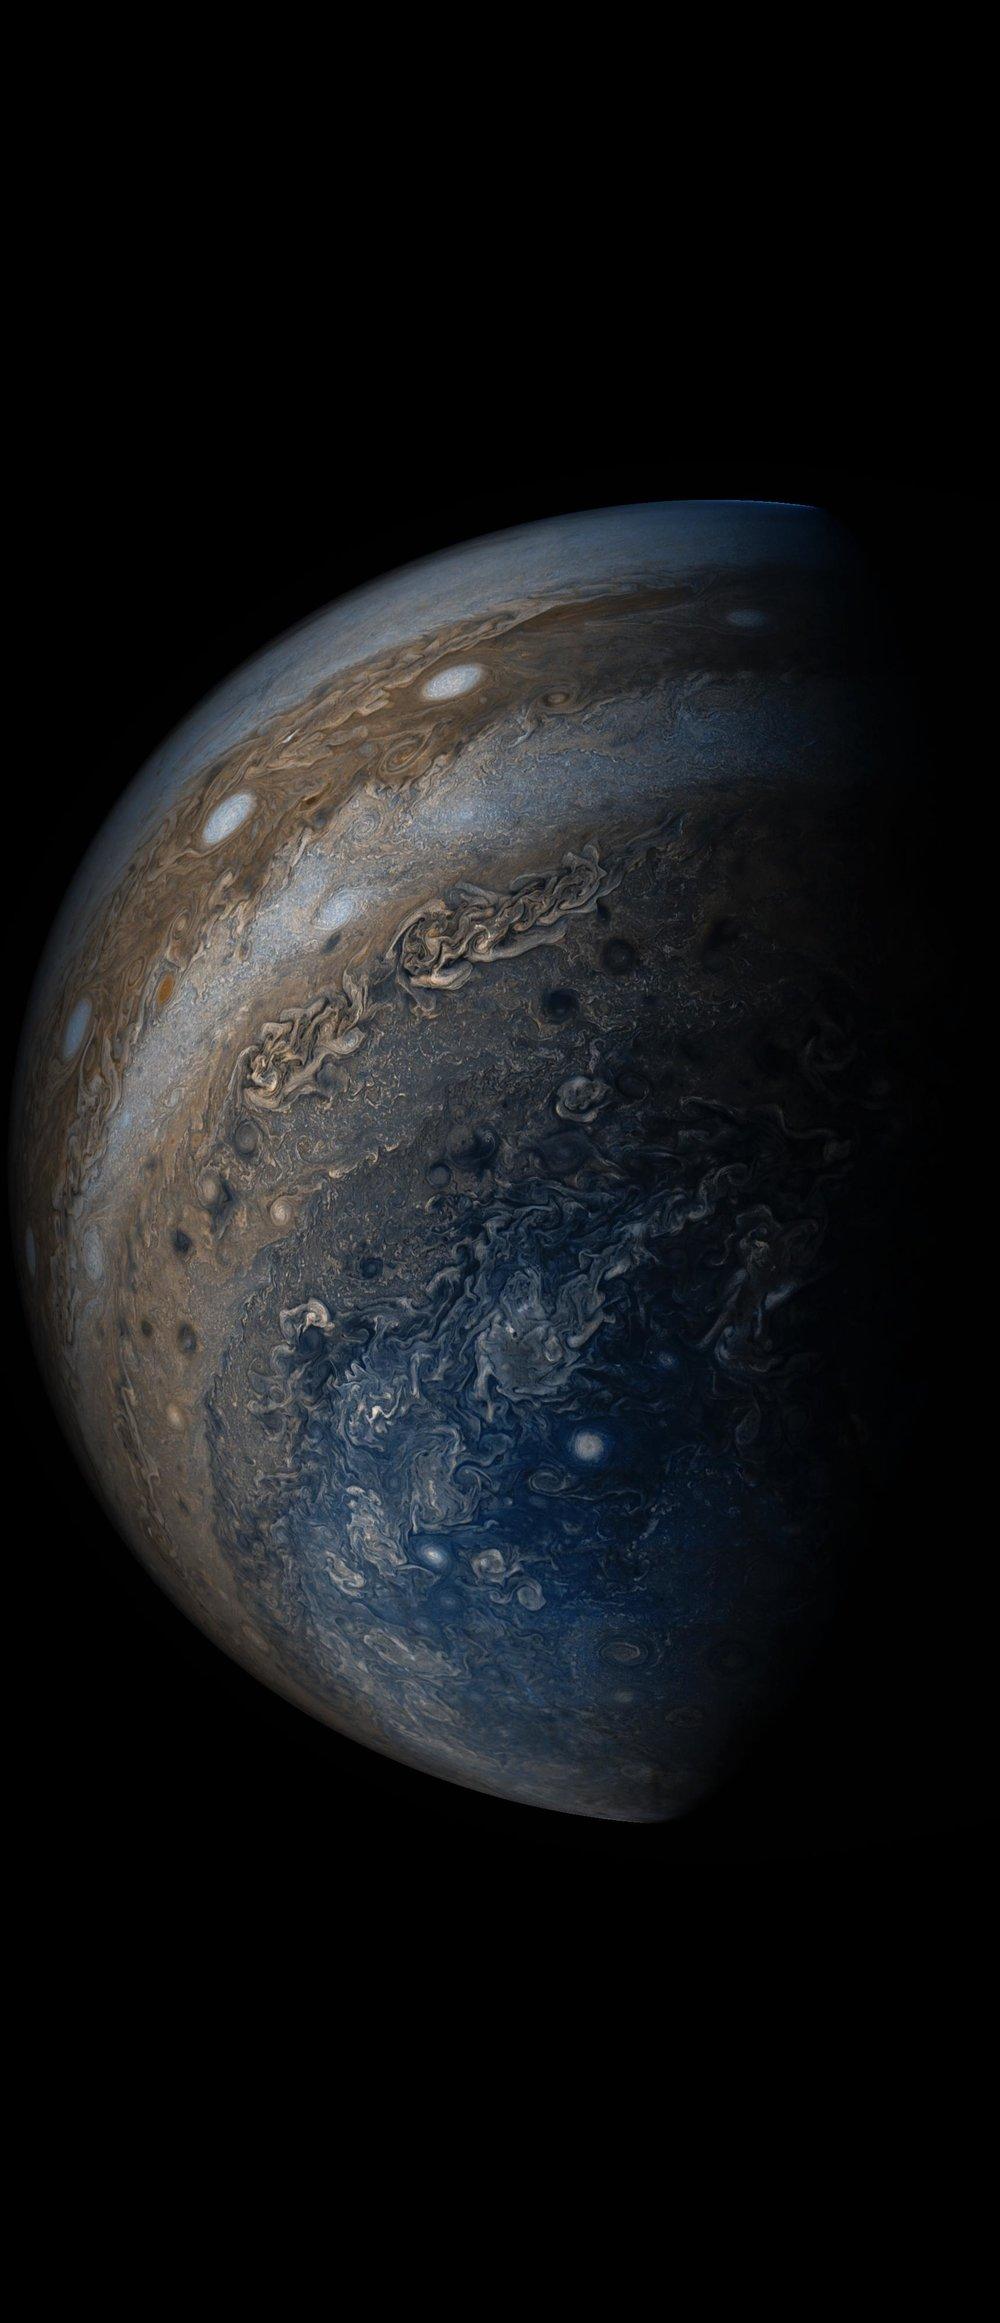 Jupiter's Clouds. Image credit: NASA/JPL/Caltech  SwRI/MSSS/Gerald Eichstadt/Sean Doran